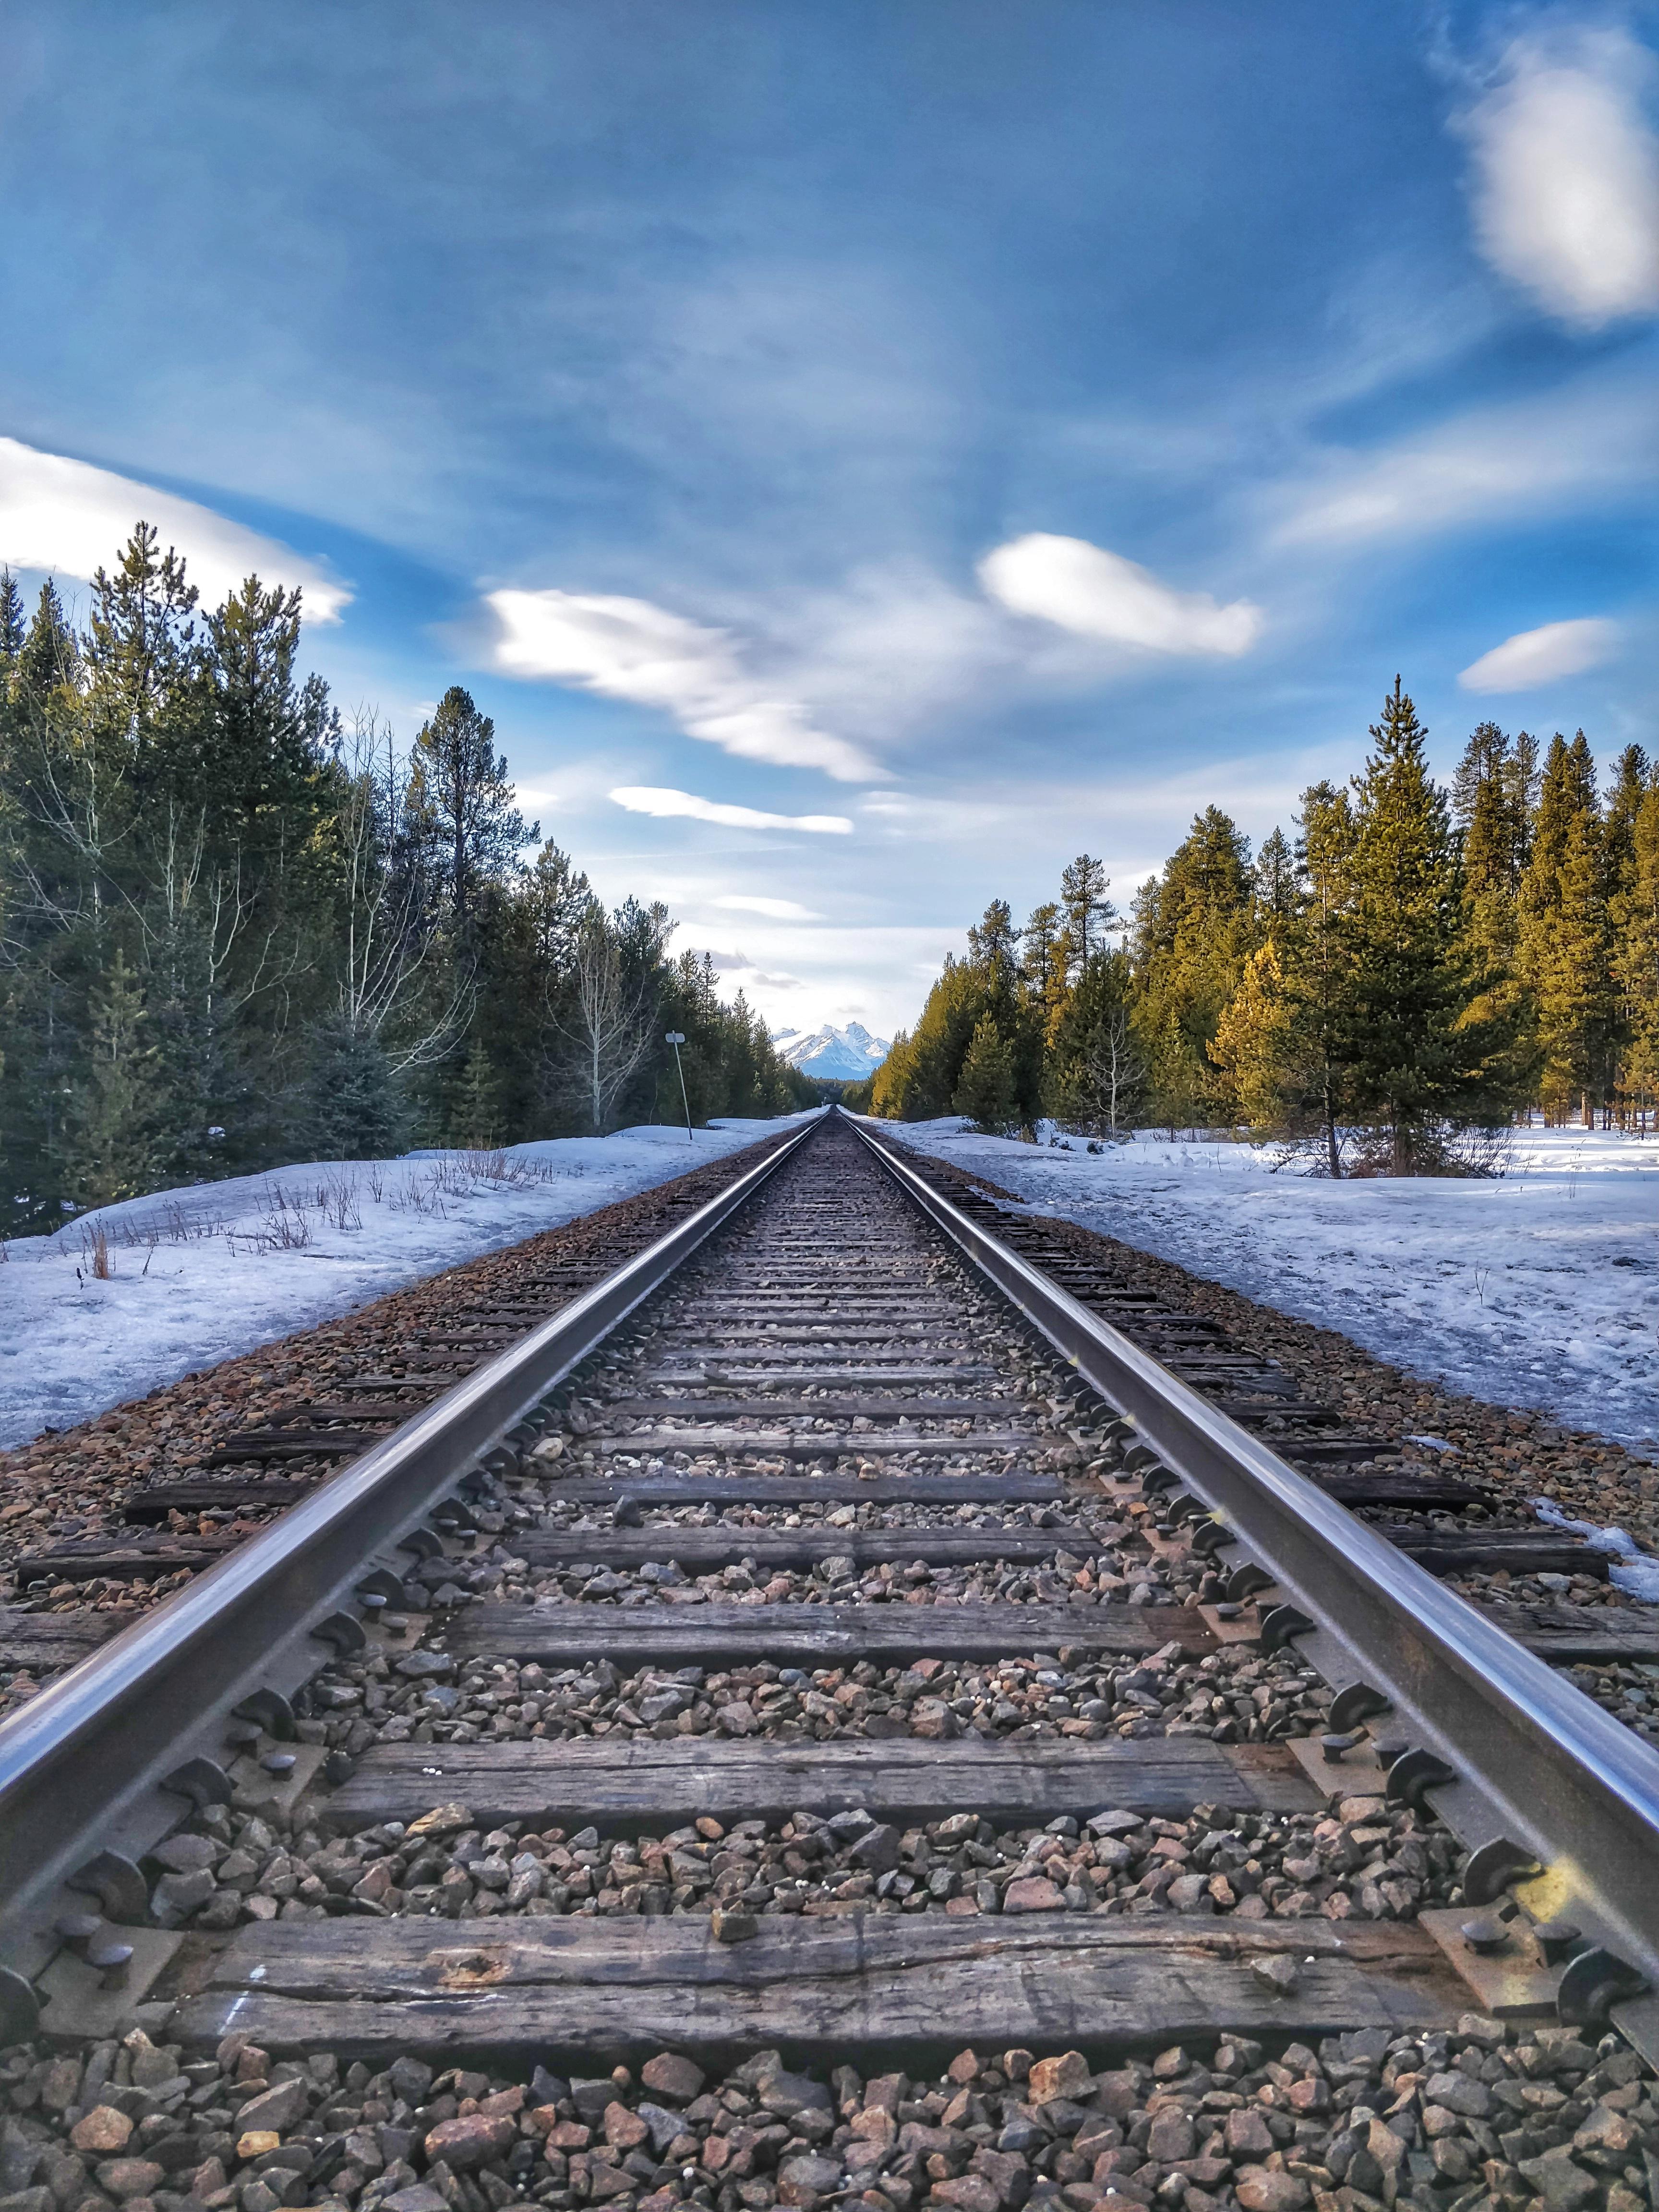 Railway 4K wallpapers for your desktop